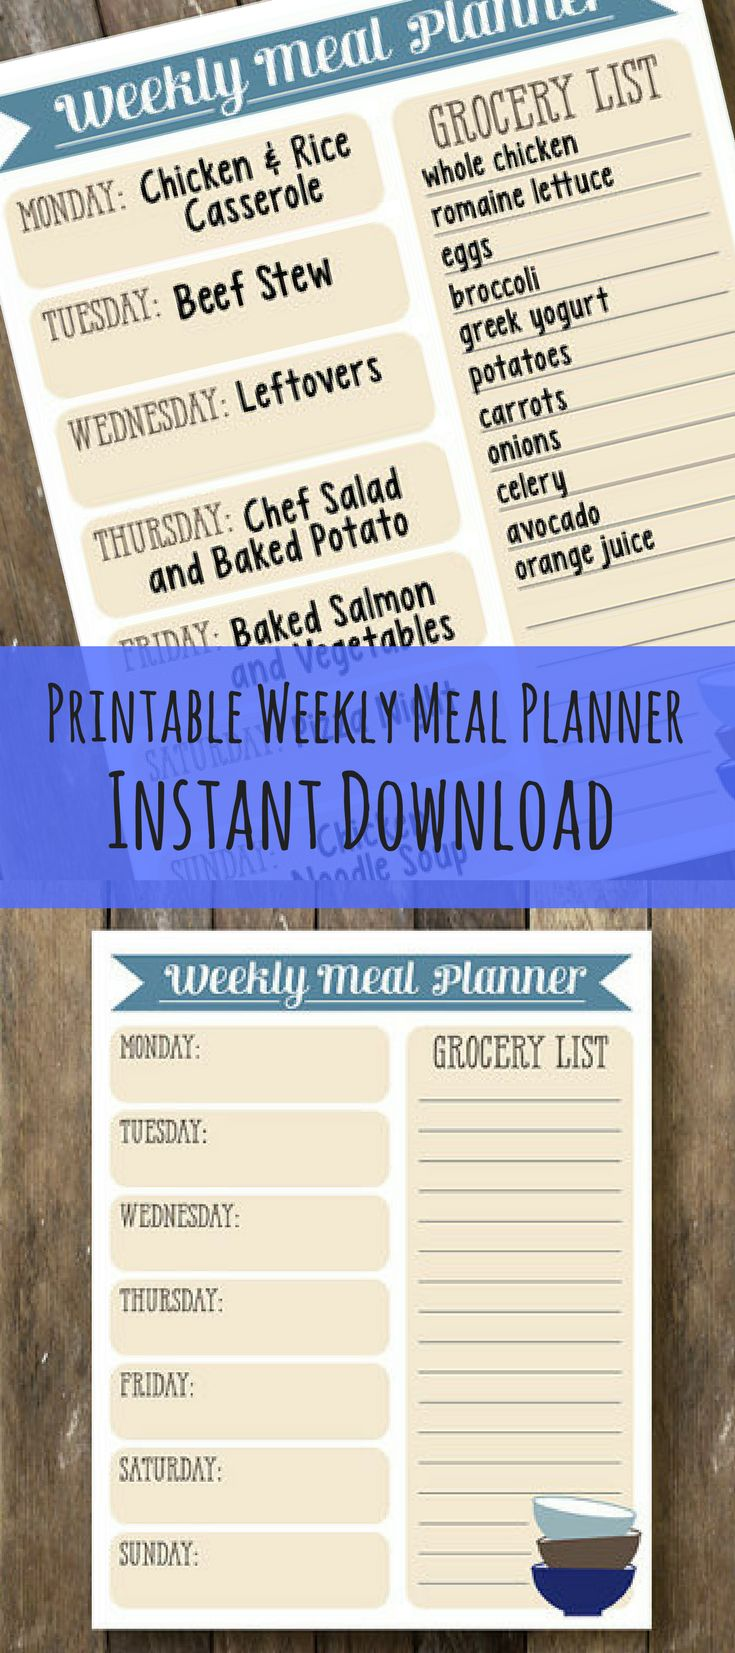 Printable Meal Planner - Weekly Meal Plan - Instant Download - Grocery List Printable - Weekly Meal Planner - Printable Grocery List  **This is an affiliate link.